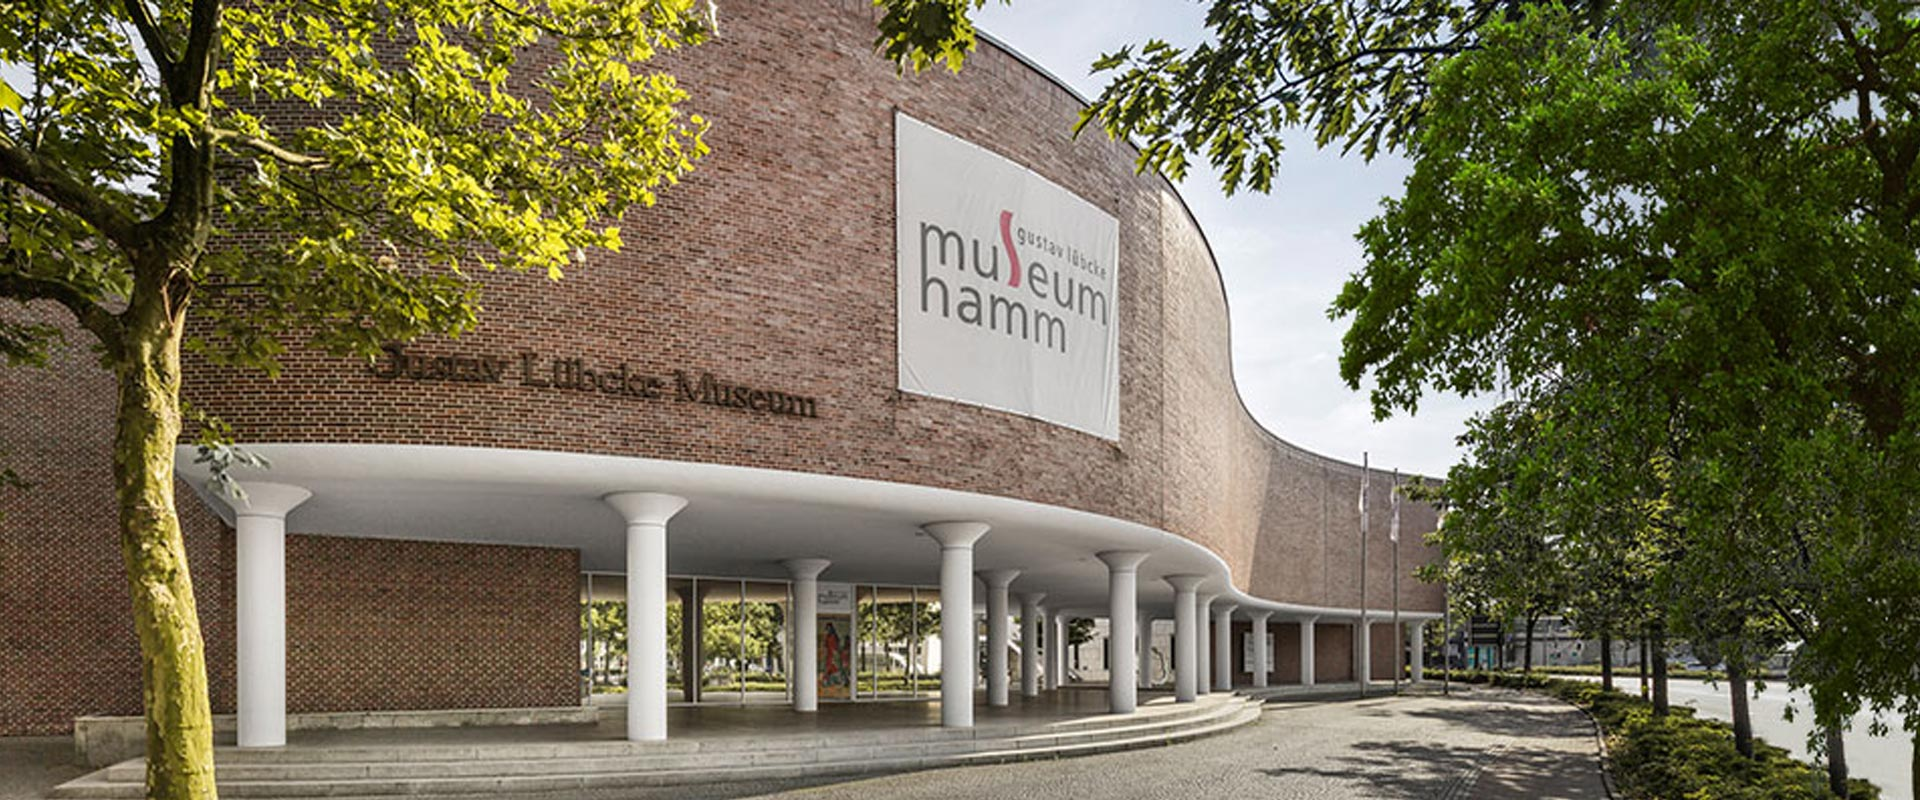 Gustav Lübcke Museum Hamm